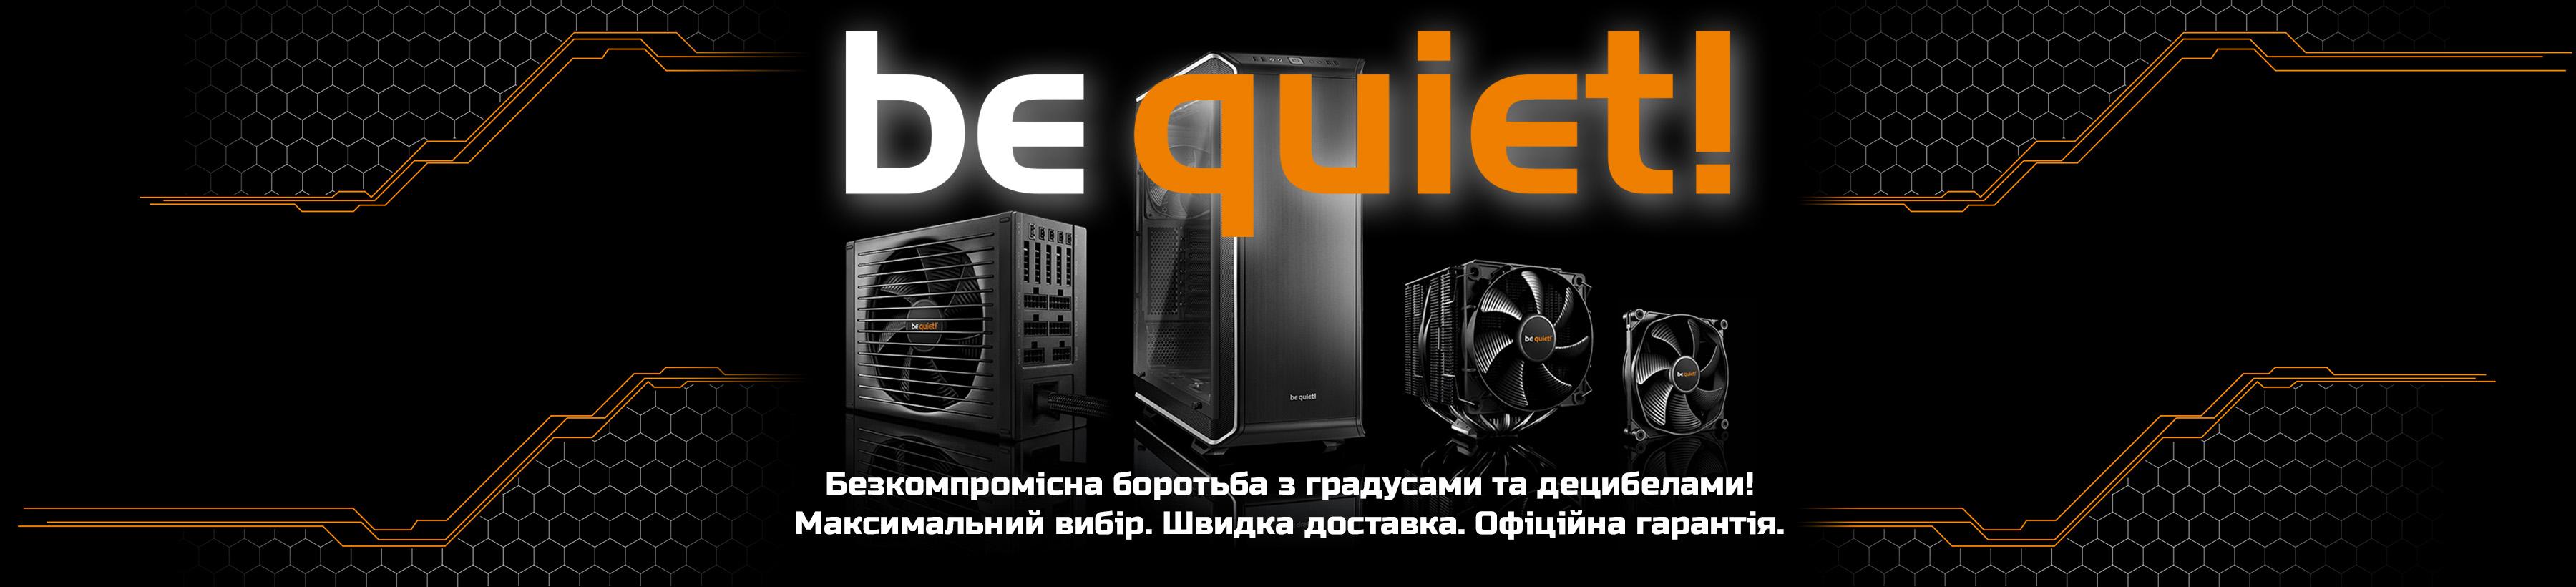 Комплектующие be quiet! — бескомпромисная борьба с градусами и децибелами!